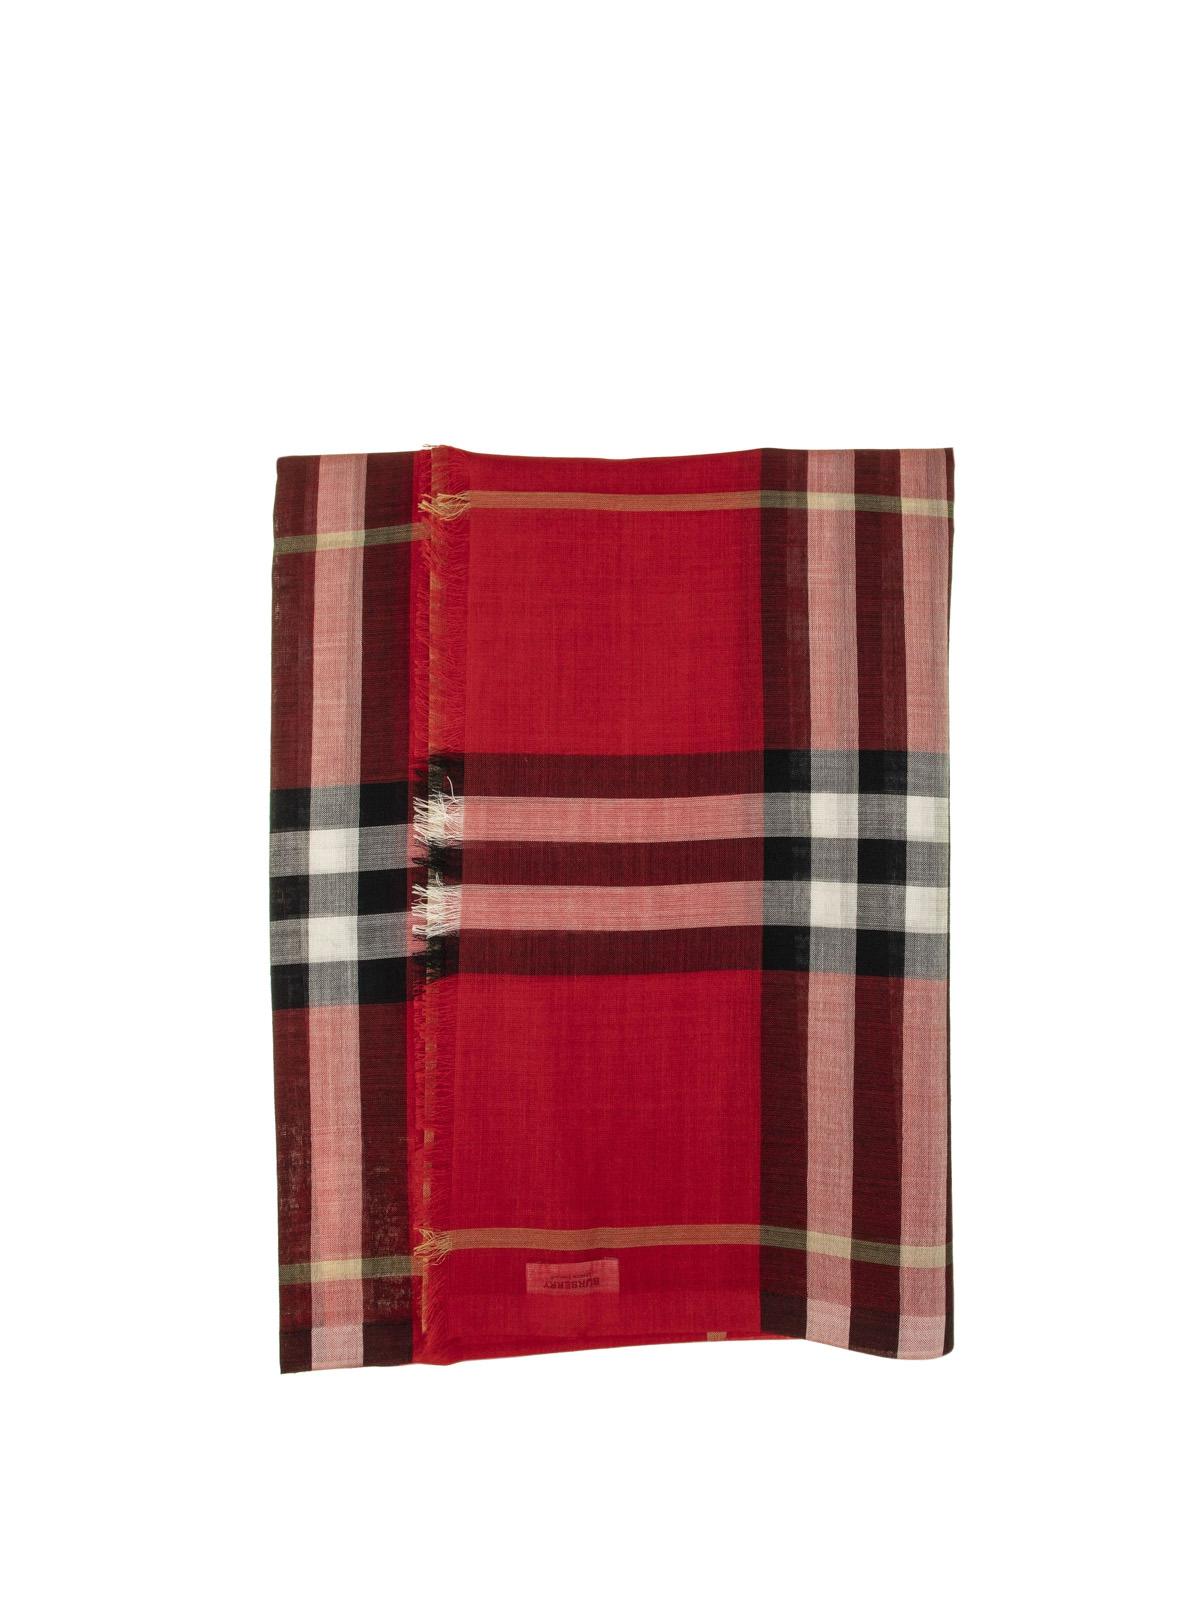 più recente 5e8c6 902dc Burberry - Sciarpa in lana e seta tartan - sciarpe e foulard ...